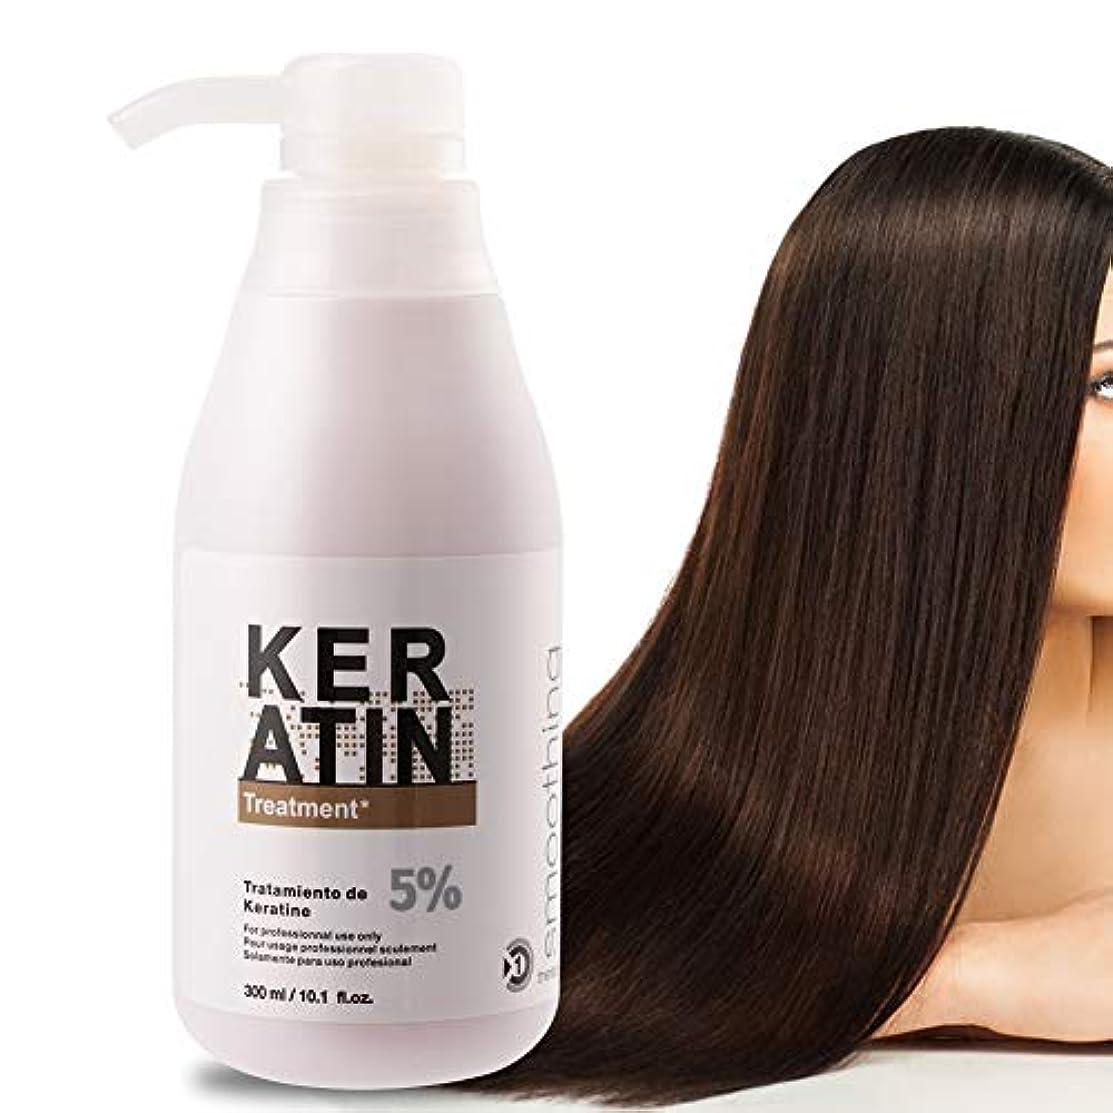 適合しましたマカダム確率乾いた、ダメージを受けた、そして化学的に処理された髪のためのケラチンとタンパク質のケラチンヘアマスク、300mlブラジルのケラチンヘアトリートメント